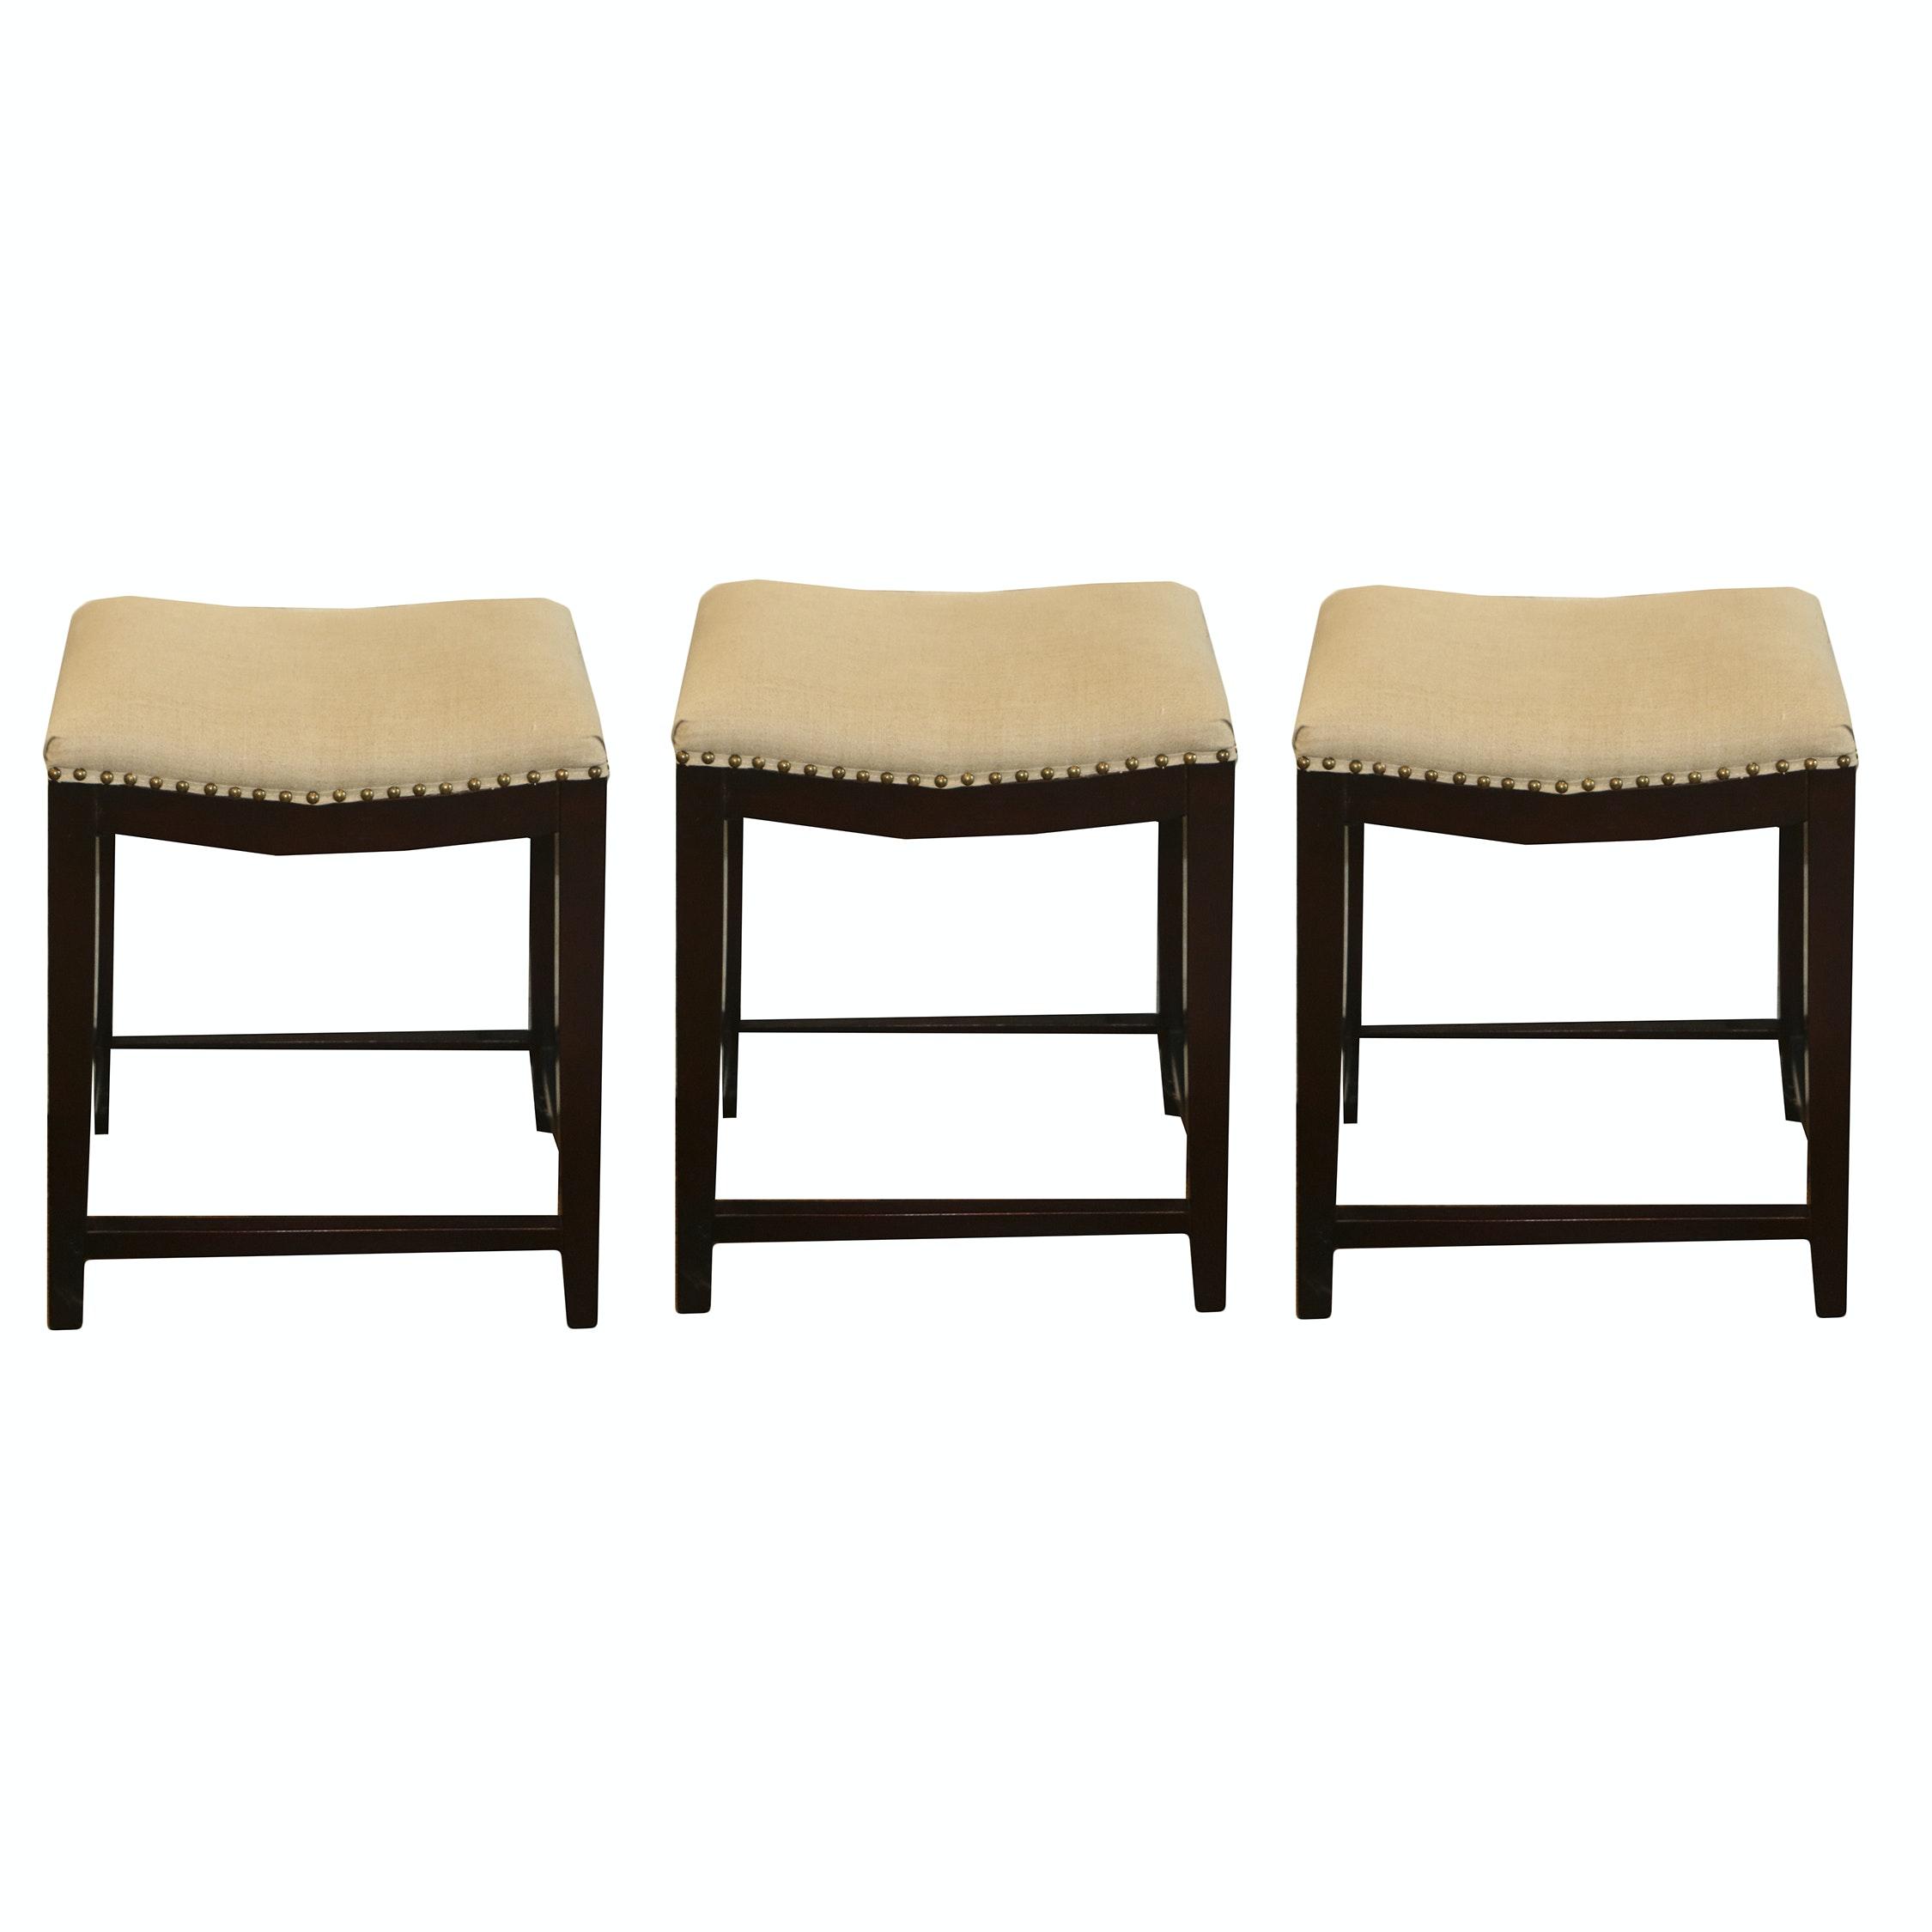 Upholstered Saddle Seat Stools, 21st Century